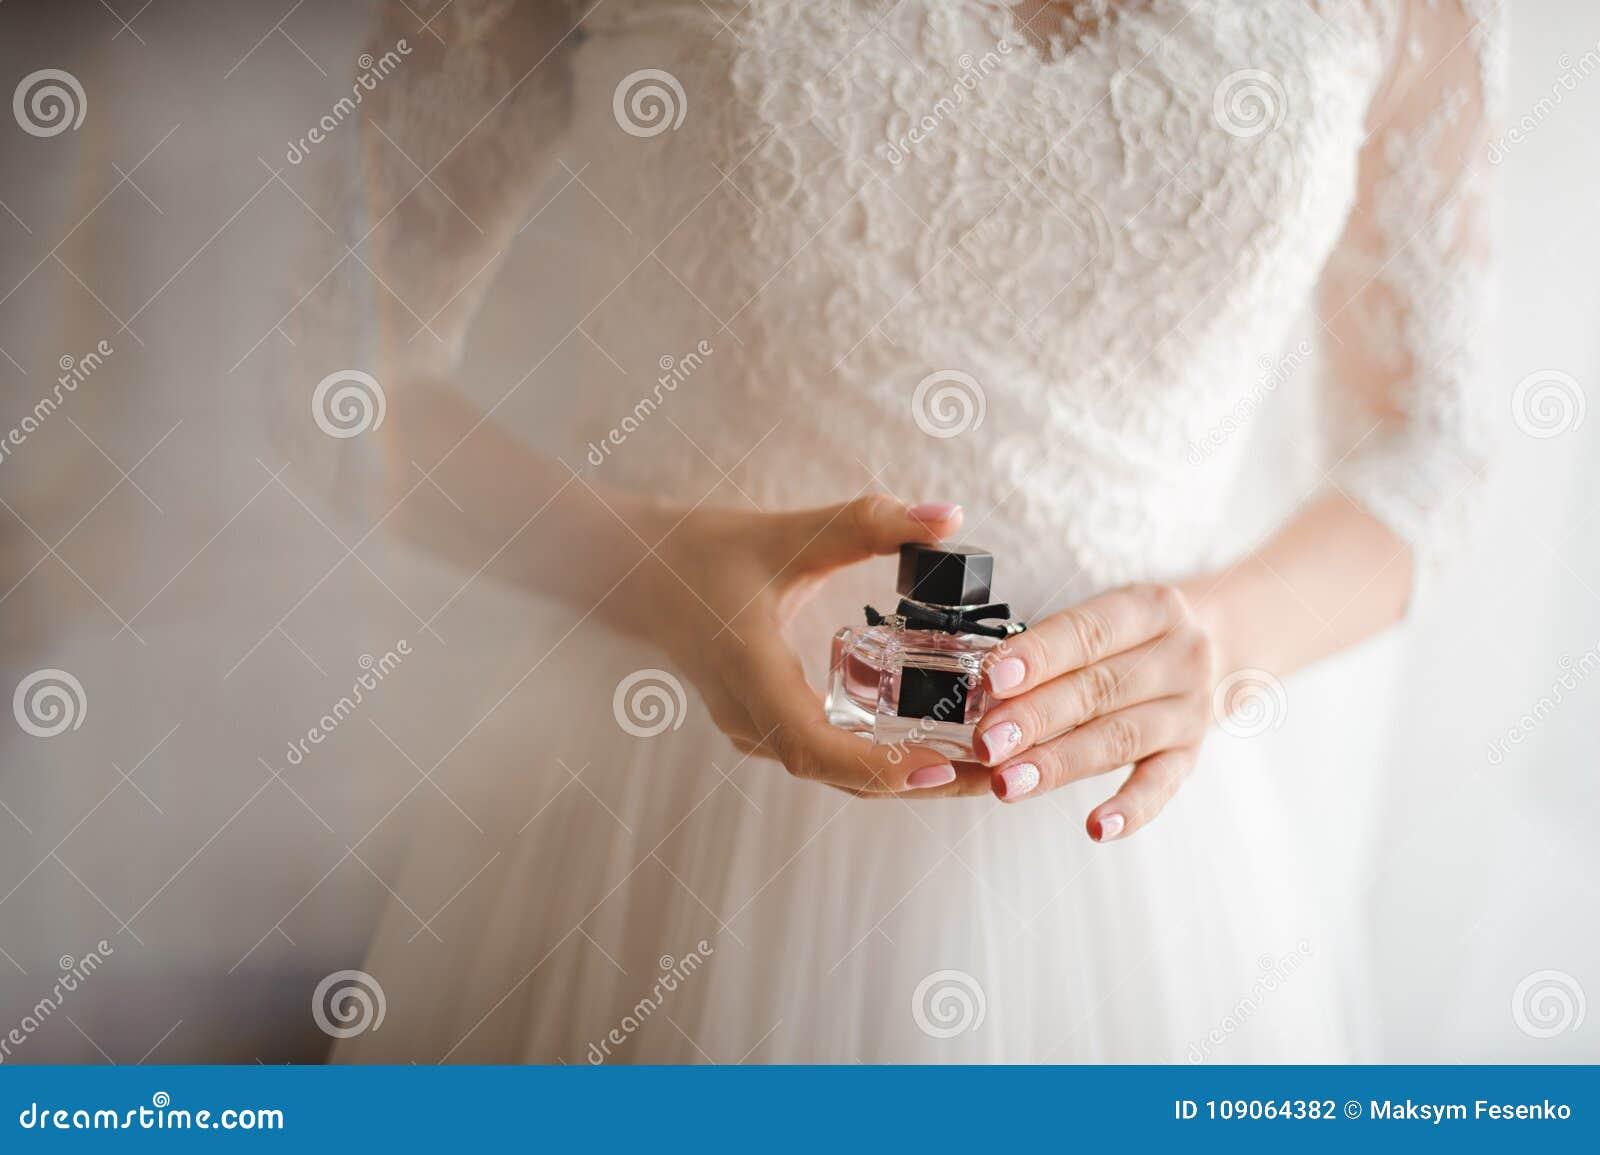 Η νύφη με το γαλλικό μανικιούρ κρατά ένα μπουκάλι του αρώματος